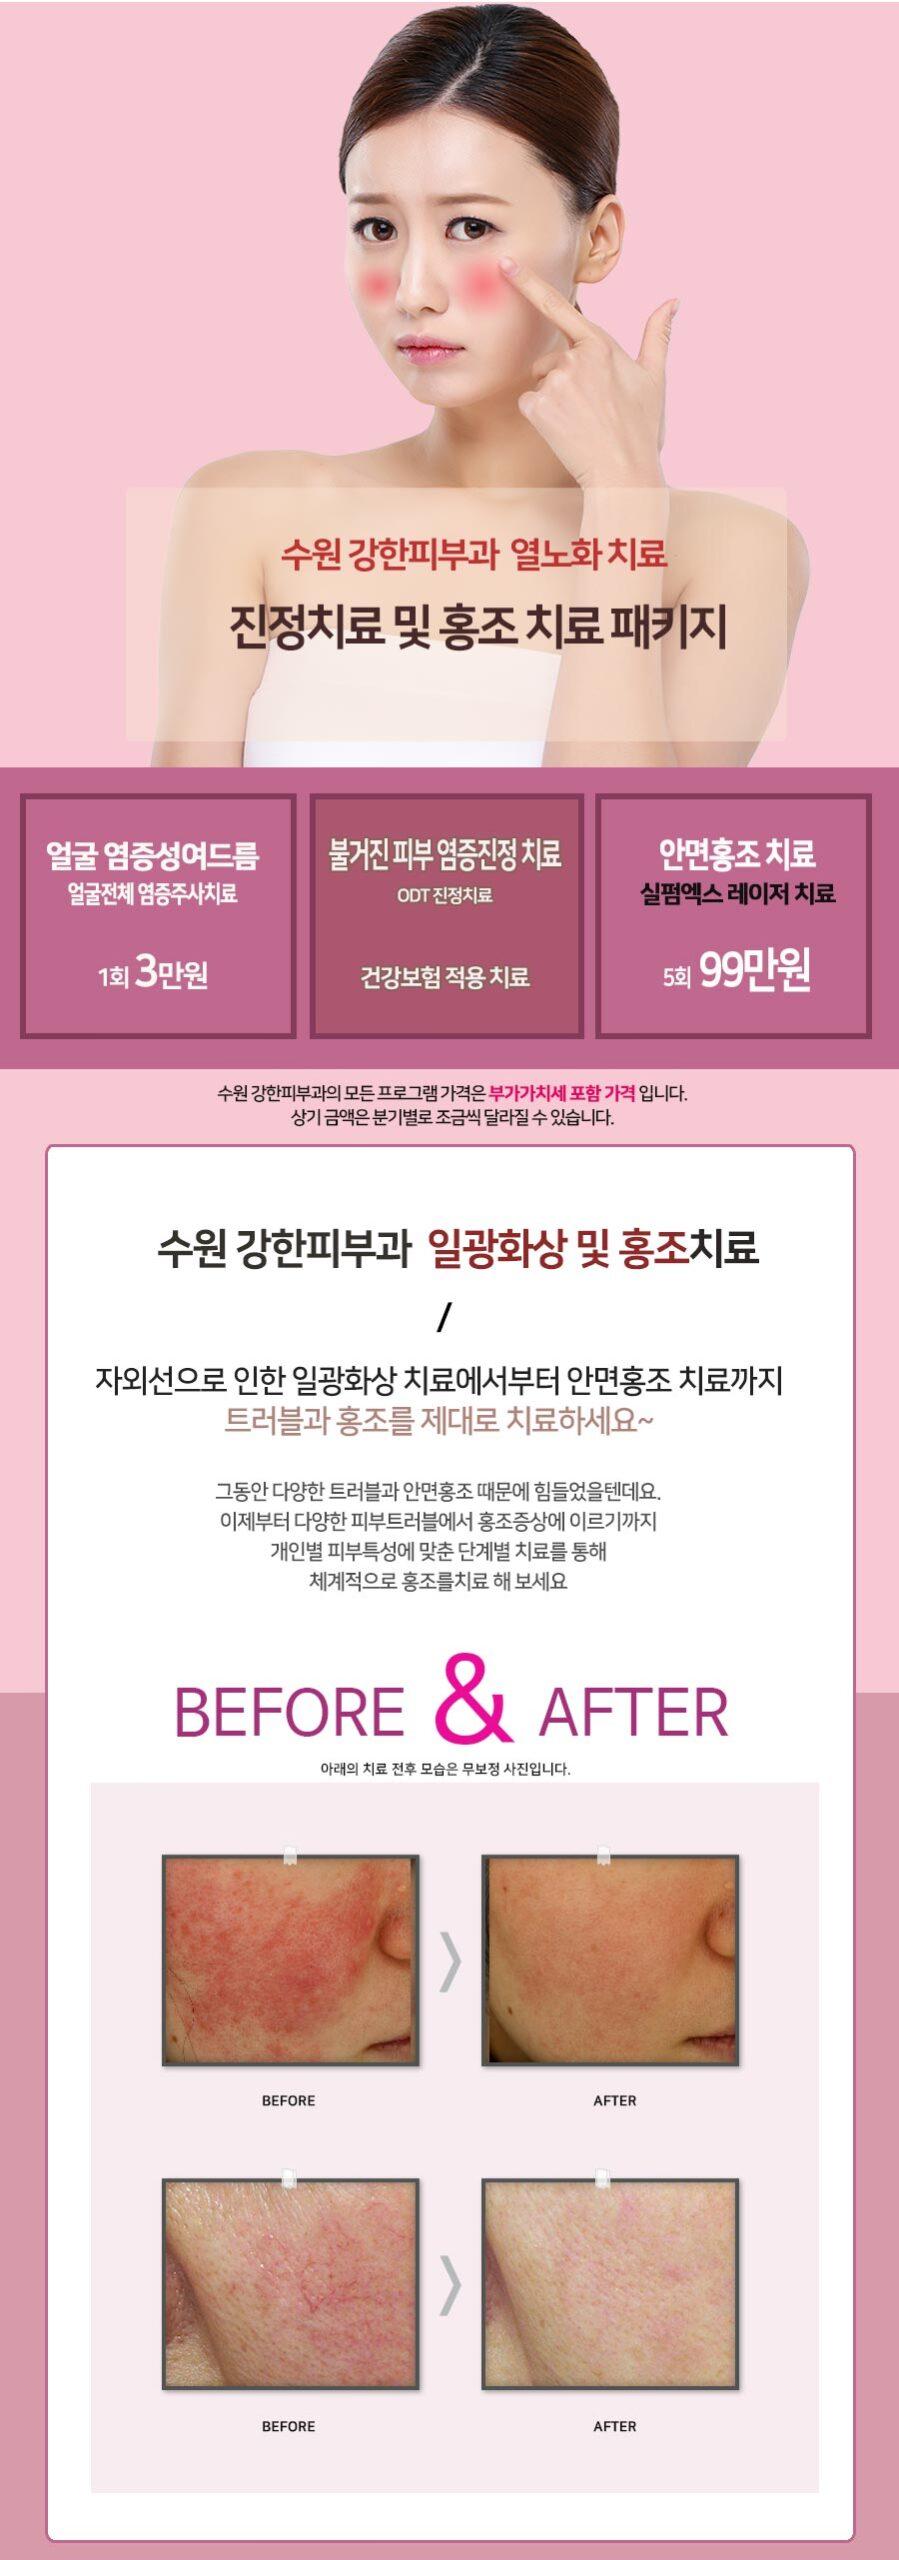 수원 열노화 진정치료